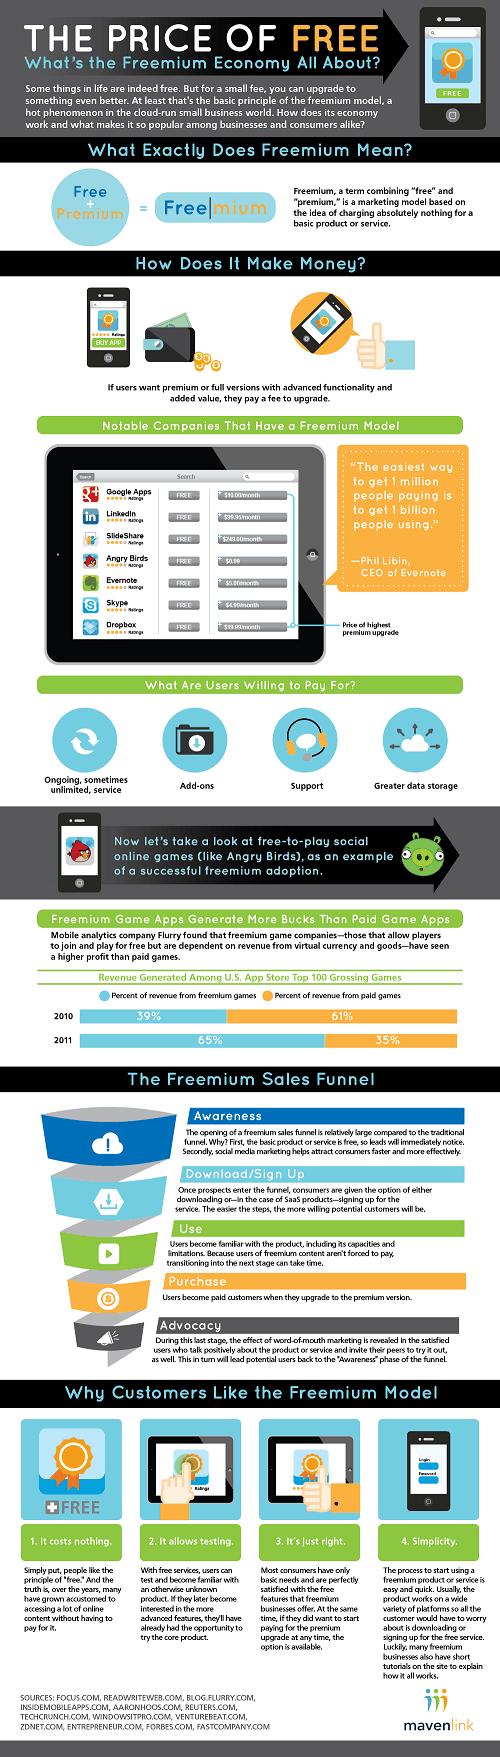 Modelo Freemium - El precio de lo gratuito